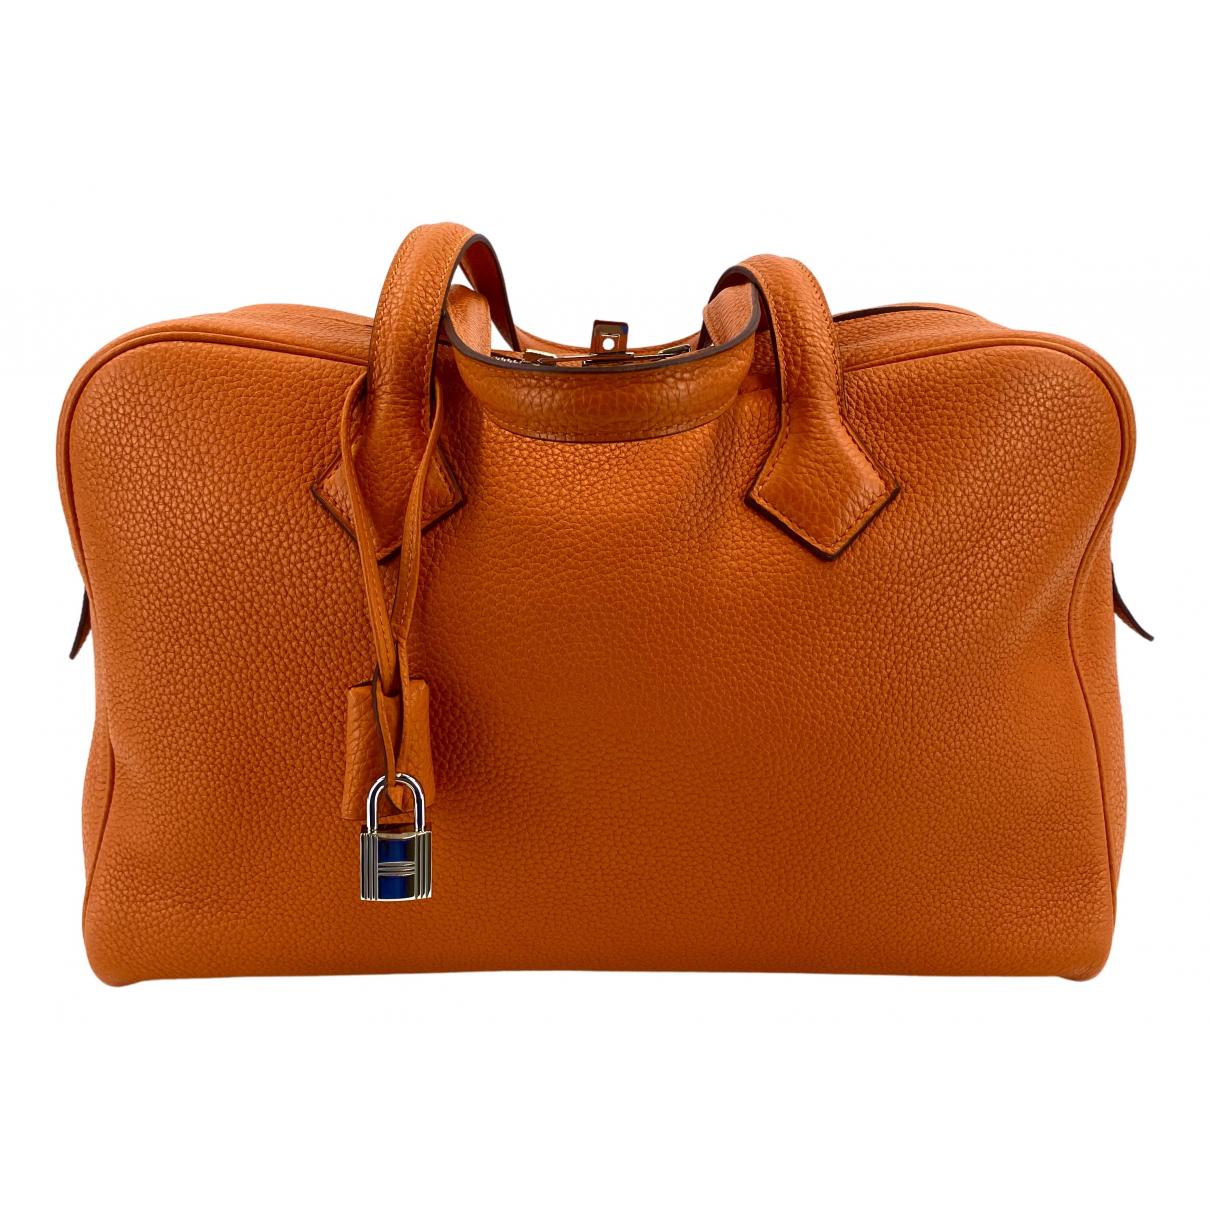 Hermes - Sac a main Victoria pour femme en cuir - orange